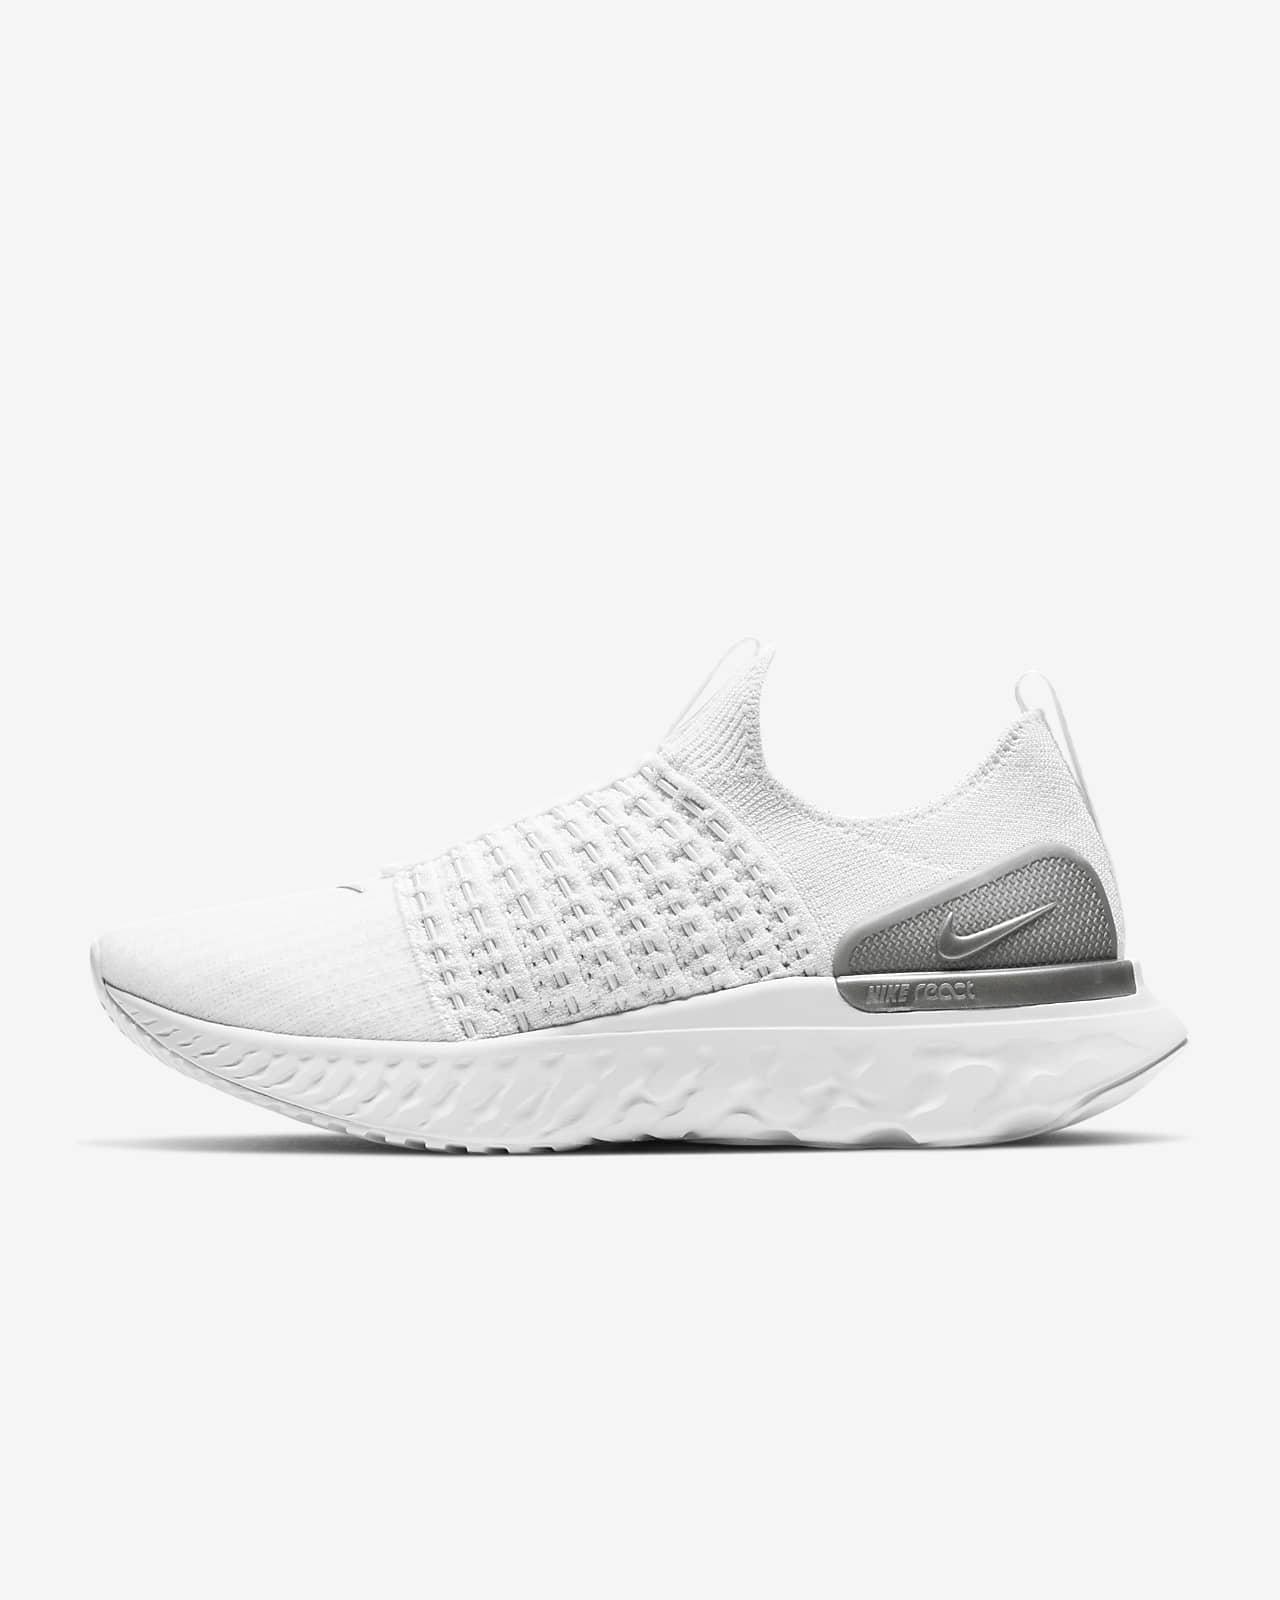 Nike React Phantom Run Flyknit 2 Women's Running Shoes